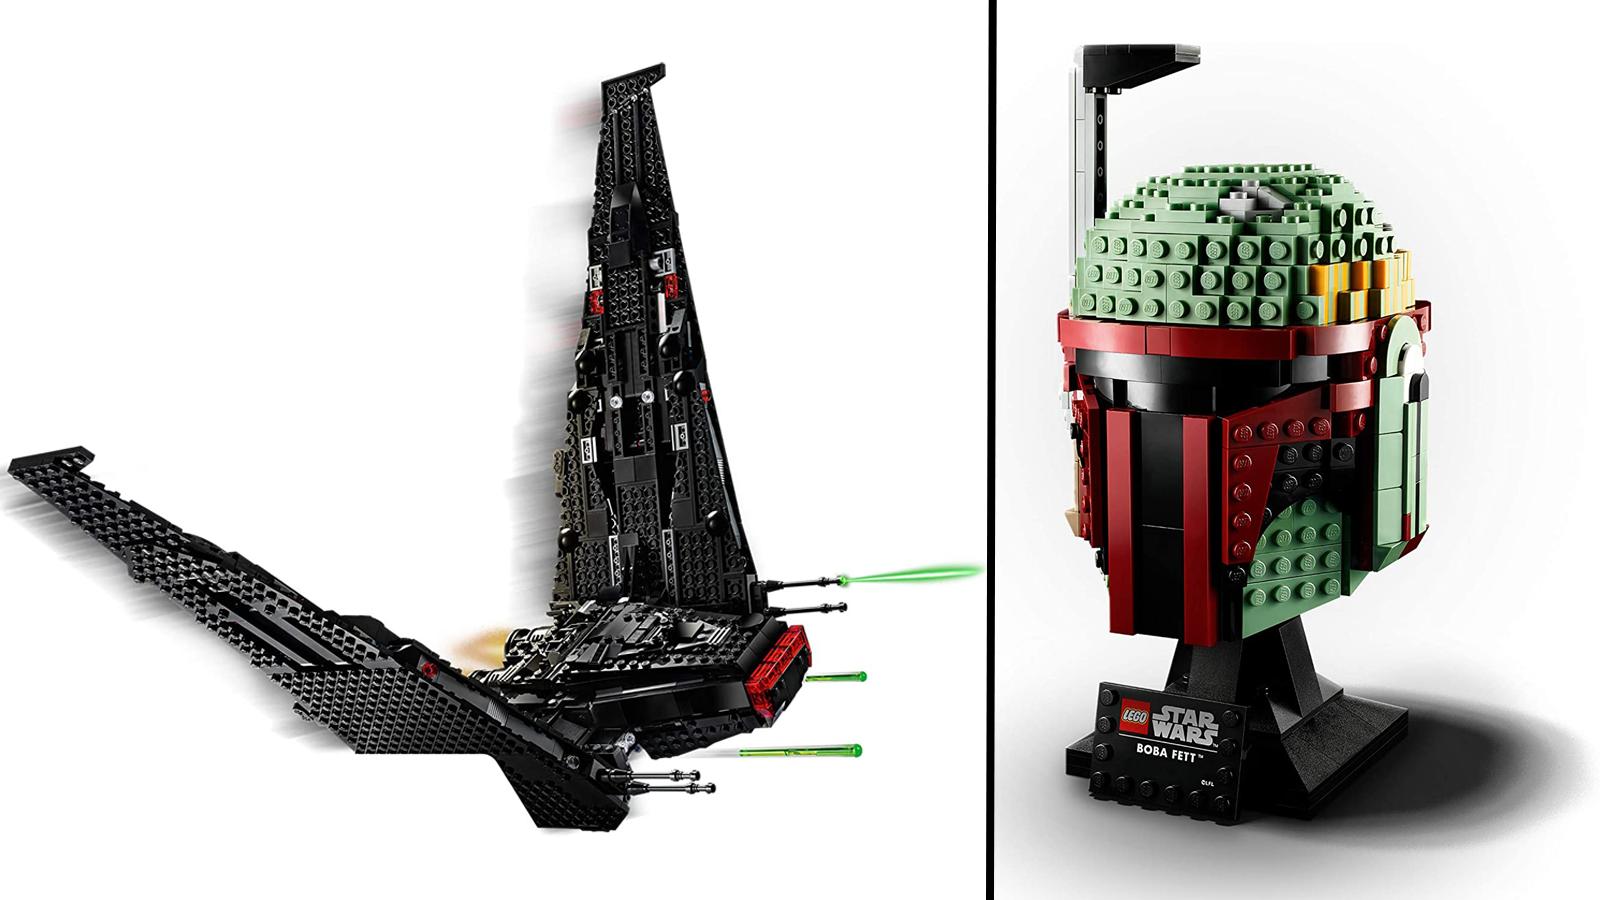 LEGO Kylo Ren's shuttle, Boba Fett helmet